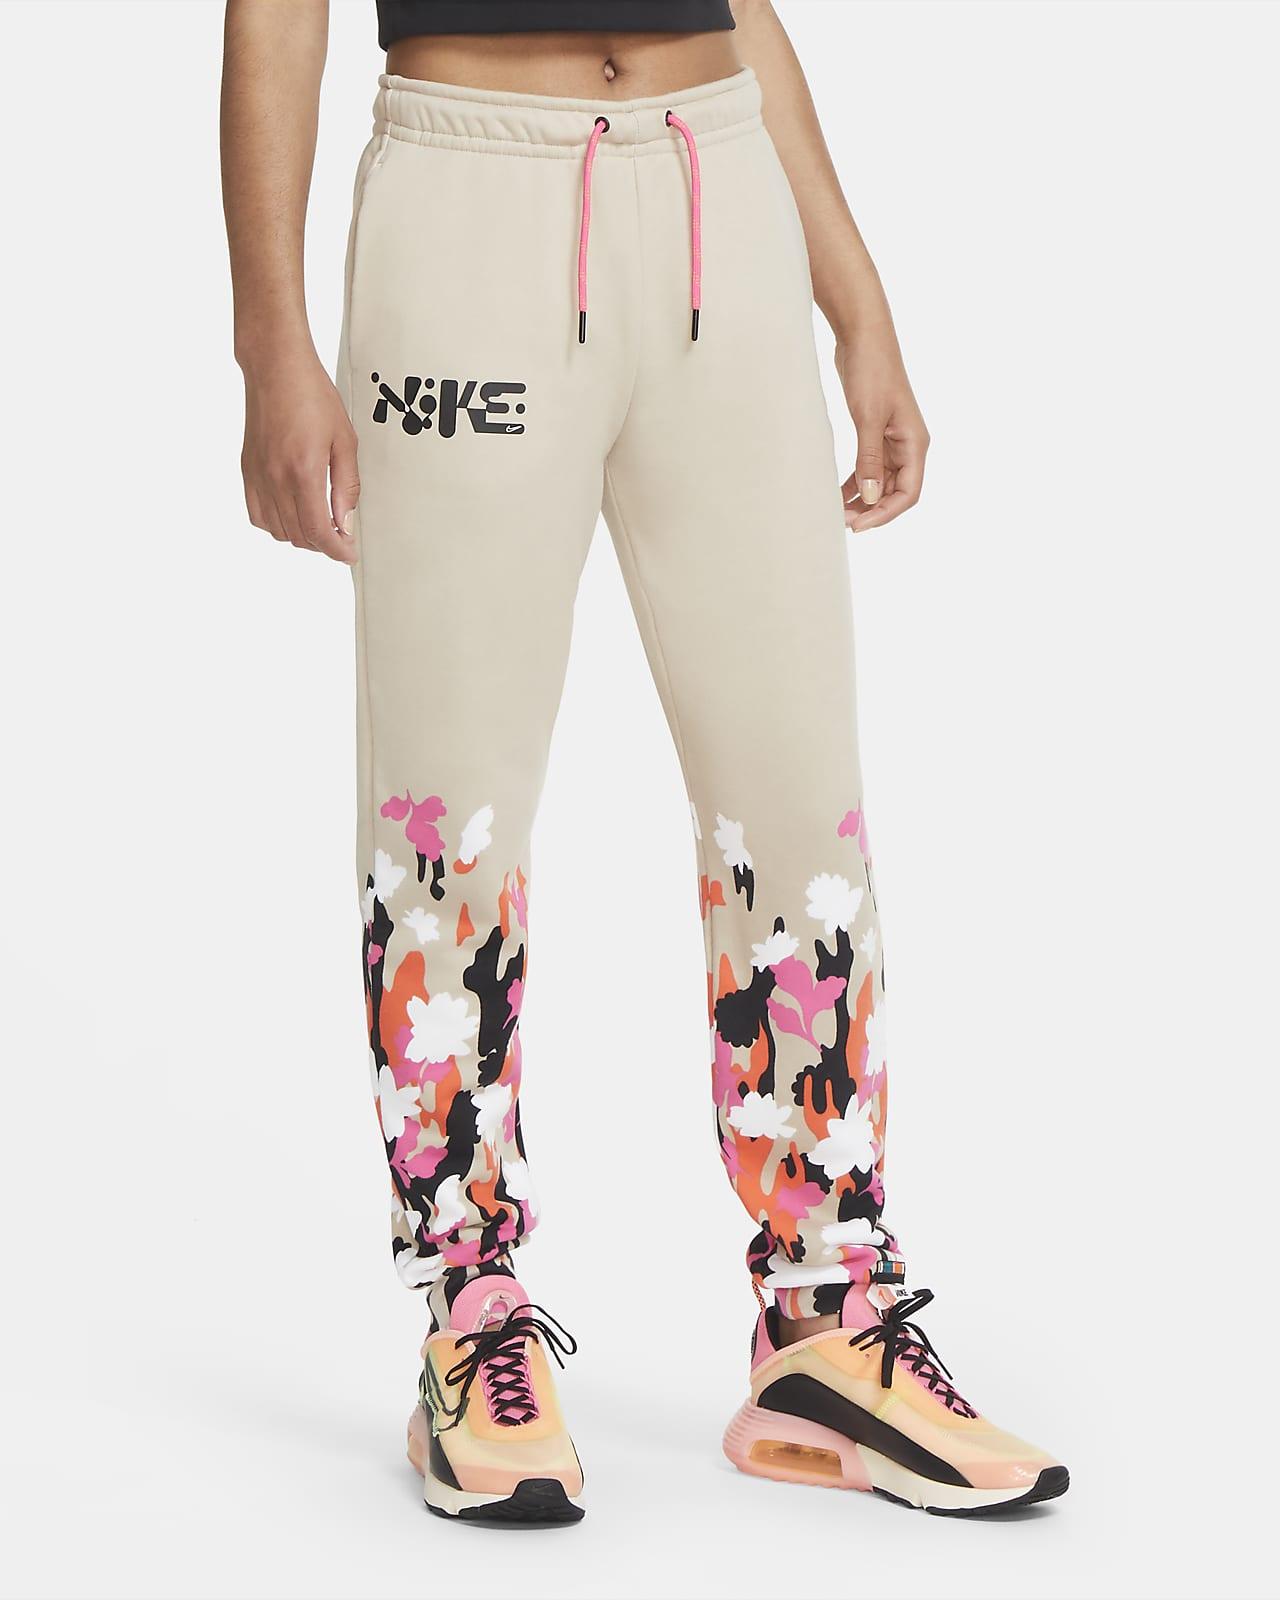 Nike Sportswear Essential Women's Pants